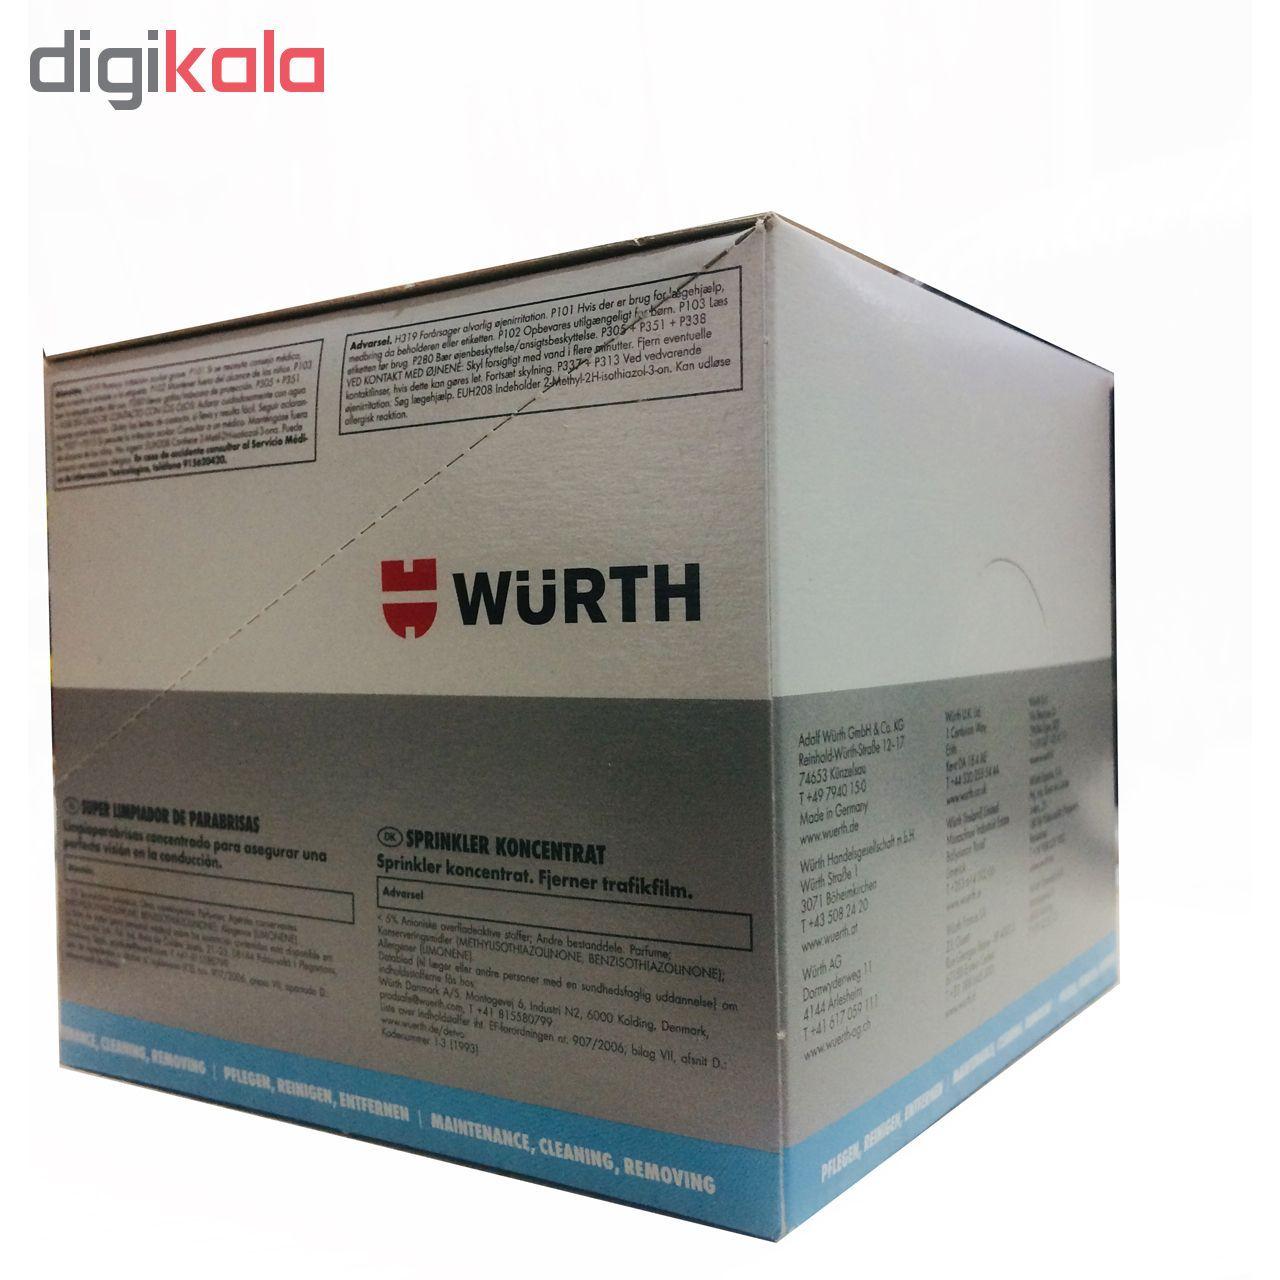 محلول شیشه شوی خودرو وورث مدل 892333 حجم 32 میلی لیتر  بسته 25 عددی main 1 2